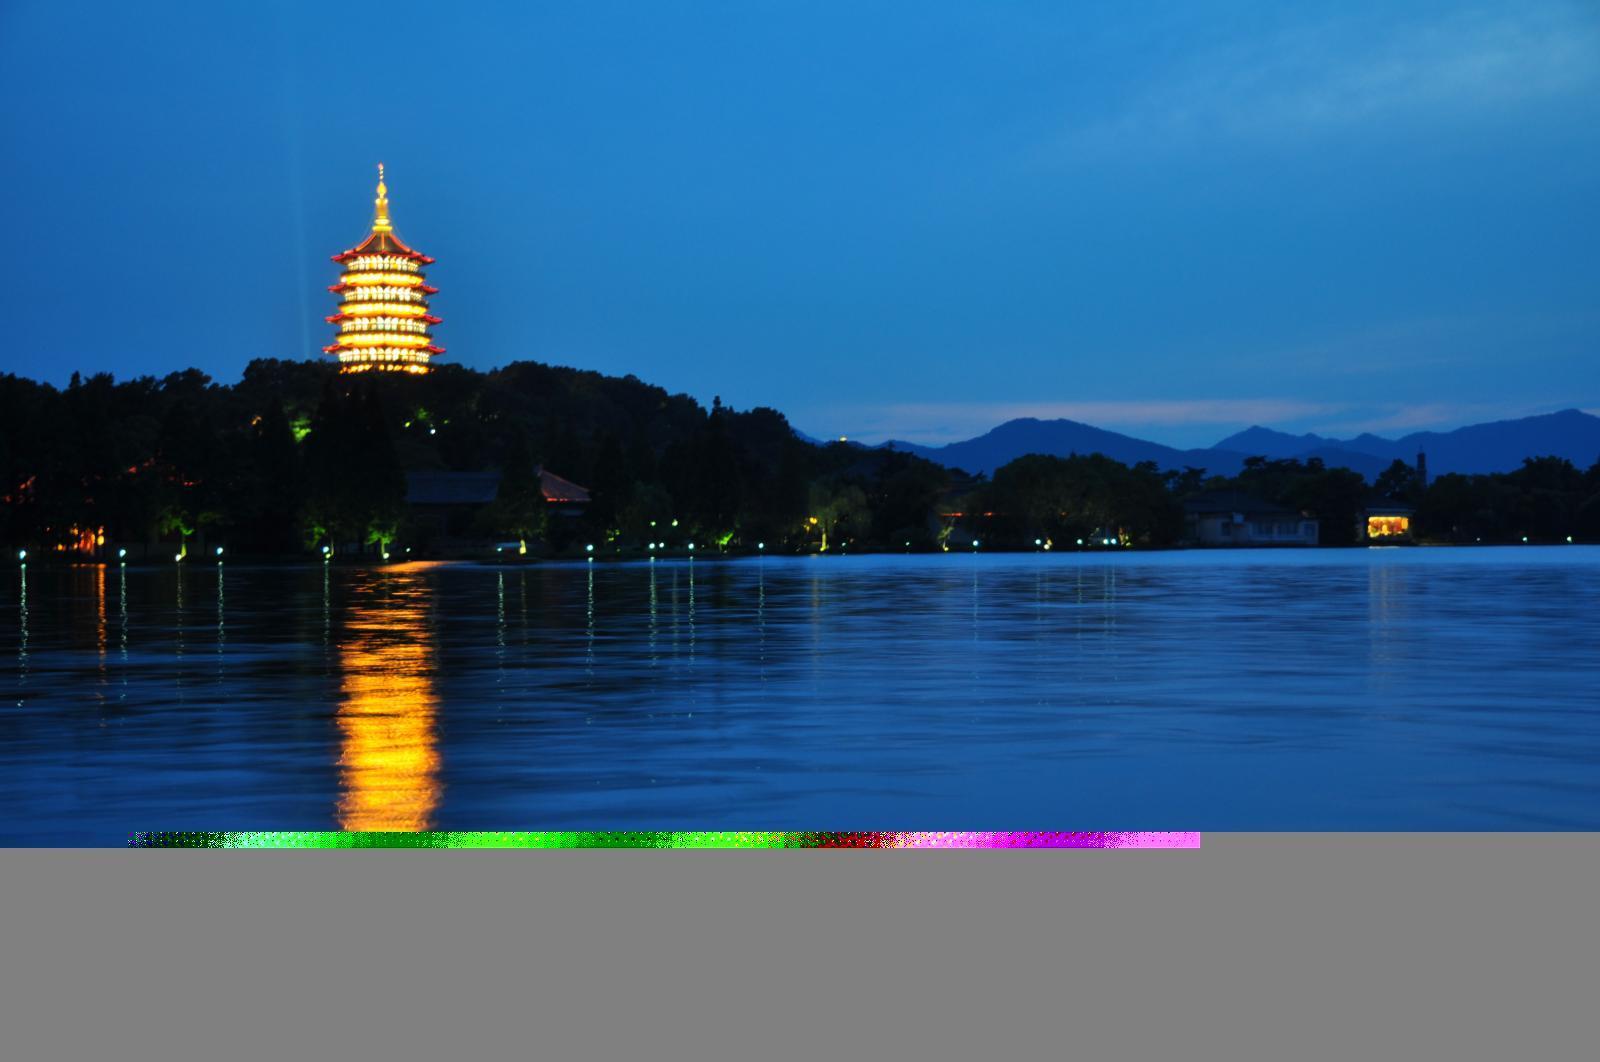 杭州西湖正式列入《世界遗产名录》